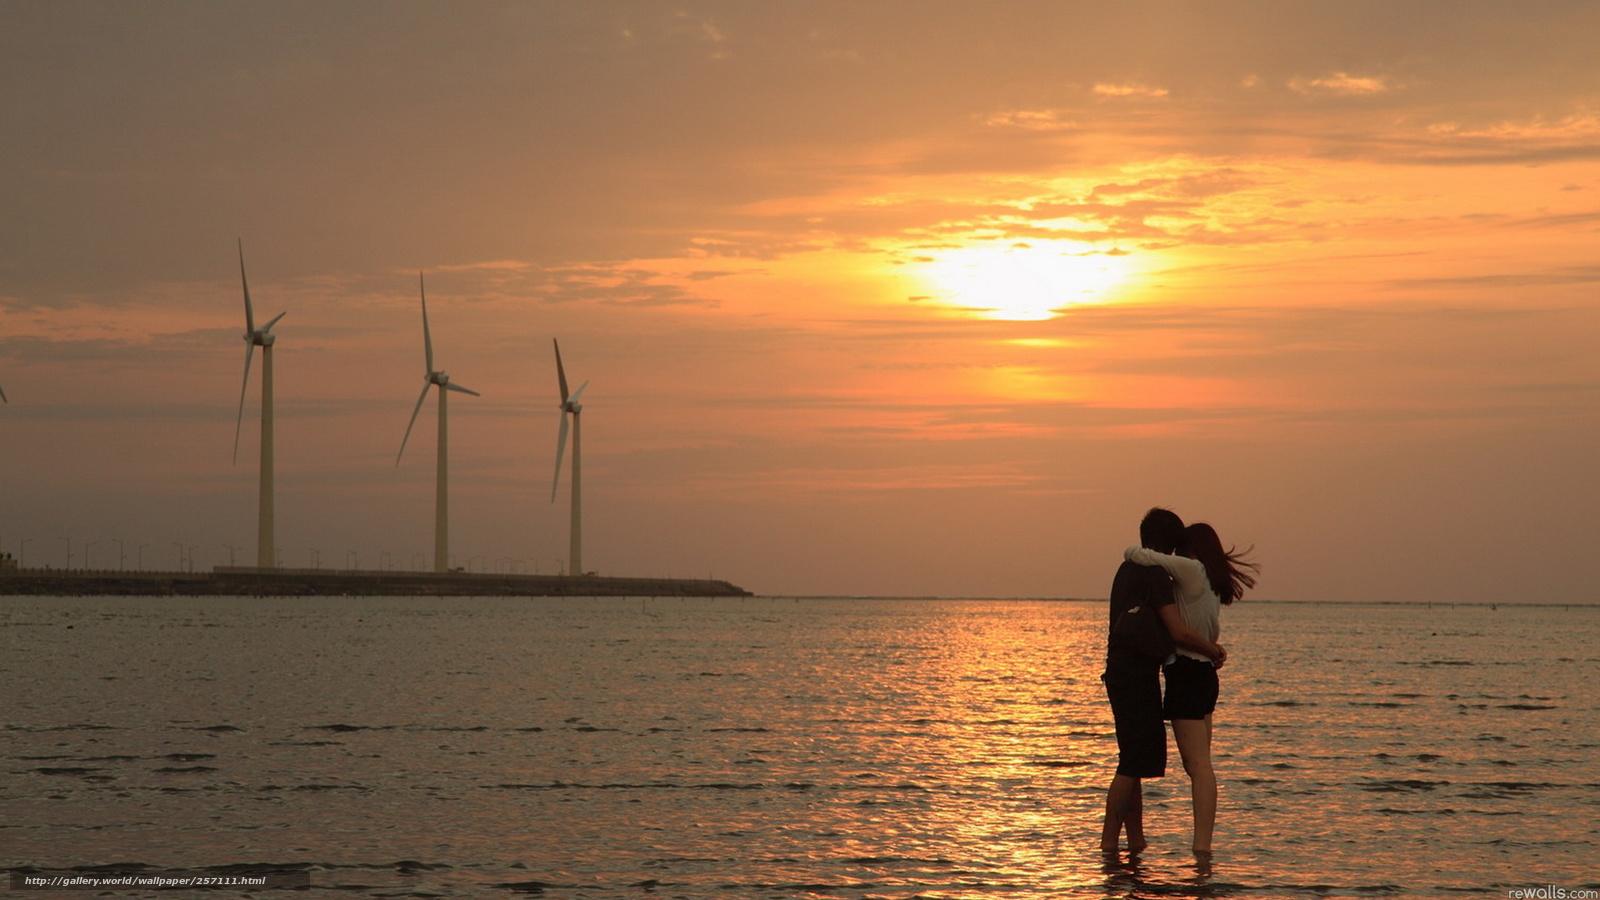 Tlcharger fond d 39 ecran amour mer coucher du soleil fonds for Belle photo hd